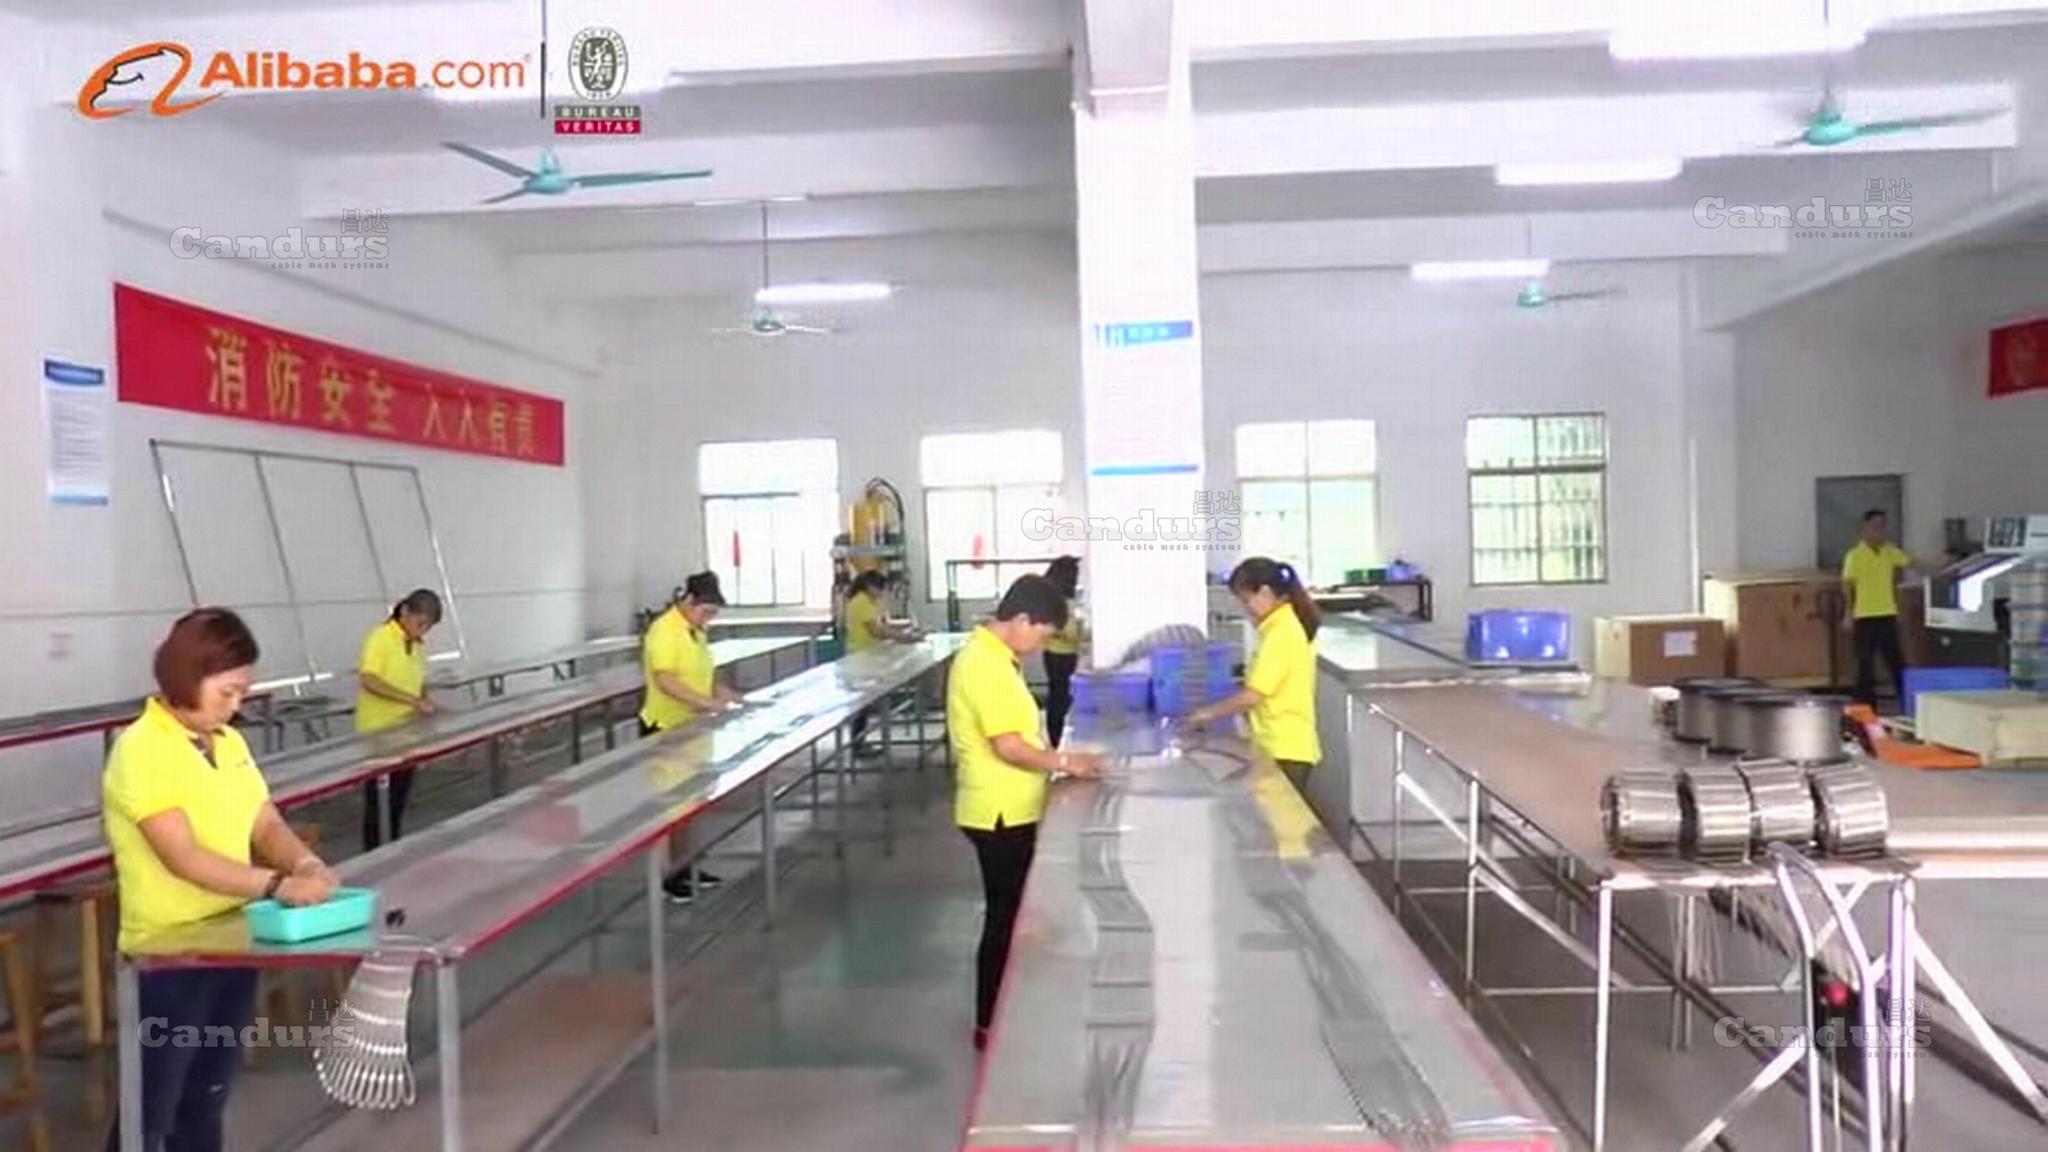 Candurs(China)